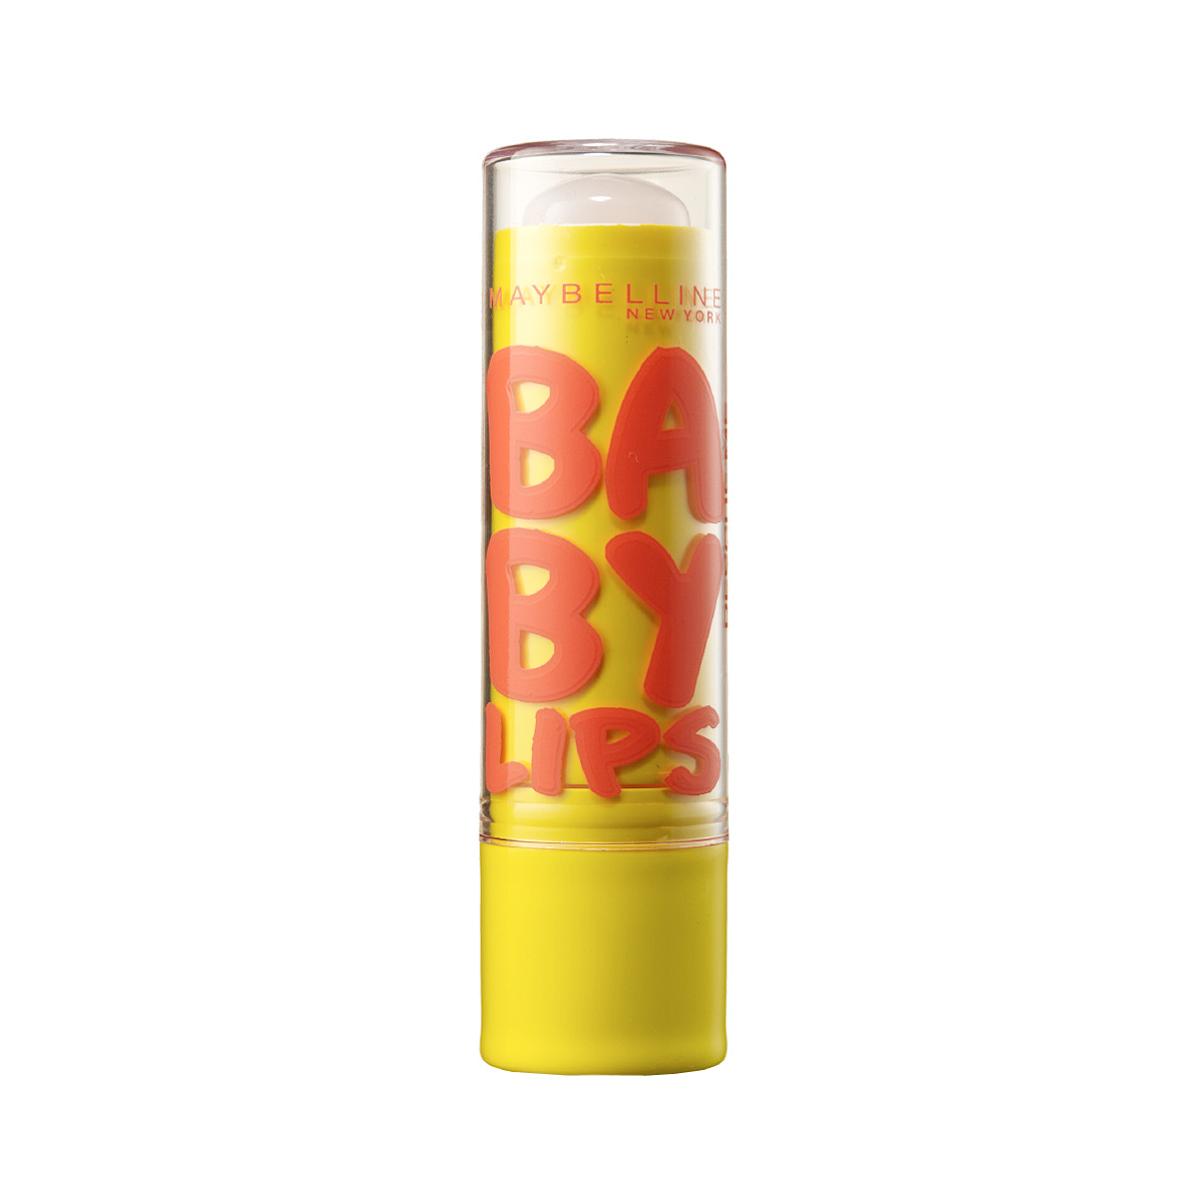 Maybelline New York Бальзам для губ Baby Lips, Бережный уход, для чувствительной кожи губ, восстанавливающий и увлажняющий, бесцветный с запахом, 1,78 млYRU02354Бальзам c нежным ароматом вишни и миндаля. Ухаживает за чувствительной кожей губ. Прекрасно увлажняет, не оставляя липкой пленки. Твои губы обретают естественный блеск.